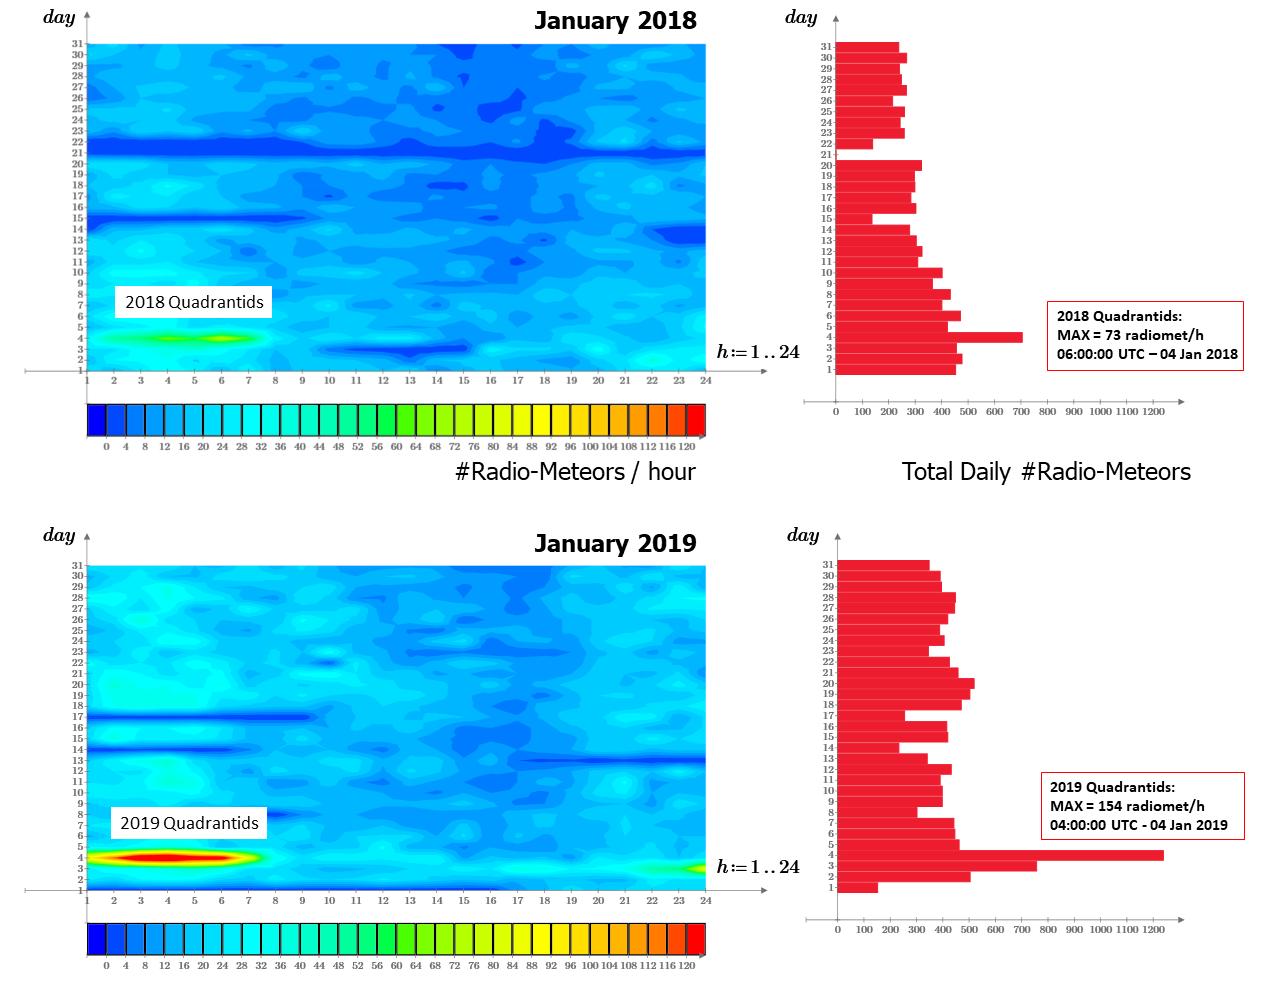 Confronto fra l'attività meteorica in Gennaio negli anni 2018 e 2019. L'evento più importante all'inizio di ogni anno è la ricorrenza dello sciame delle Quadrantidi, con un massimo il giorno 4. Come si vede dalle mappe, la nostra stazione ha registrato un netto incremento di attività nel 2019 rispetto all'anno precedente.